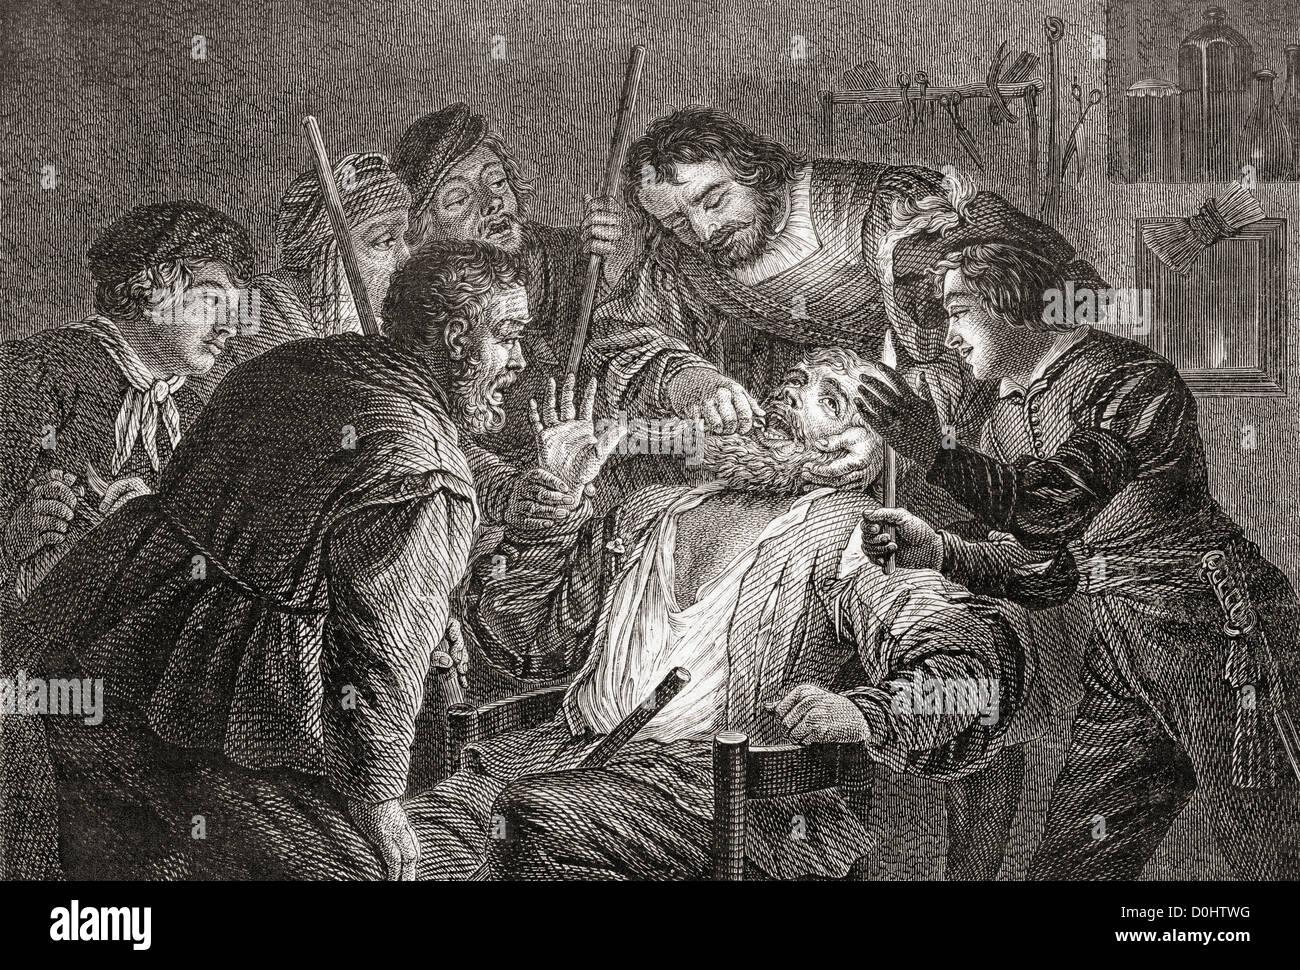 La Dentiste, el Dentista por Gerard van Honthorst. La Odontología en el siglo XVII. Imagen De Stock